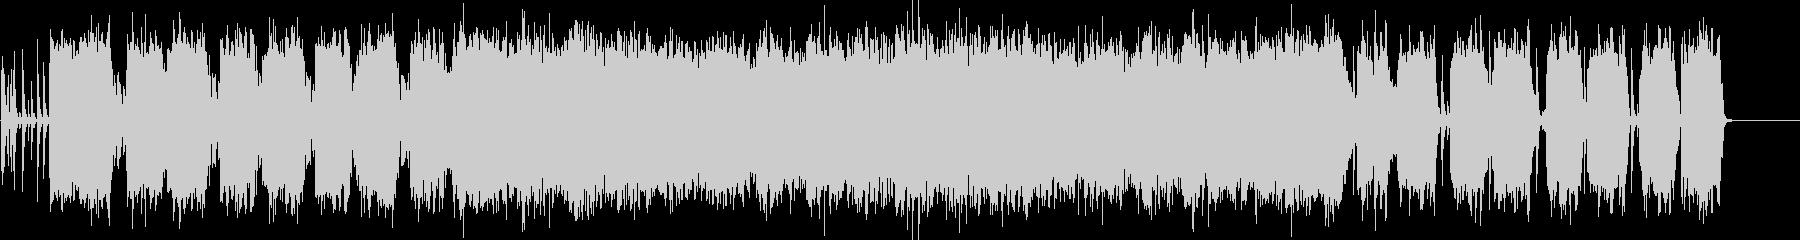 スタイリッシュなリフ系ロックの未再生の波形